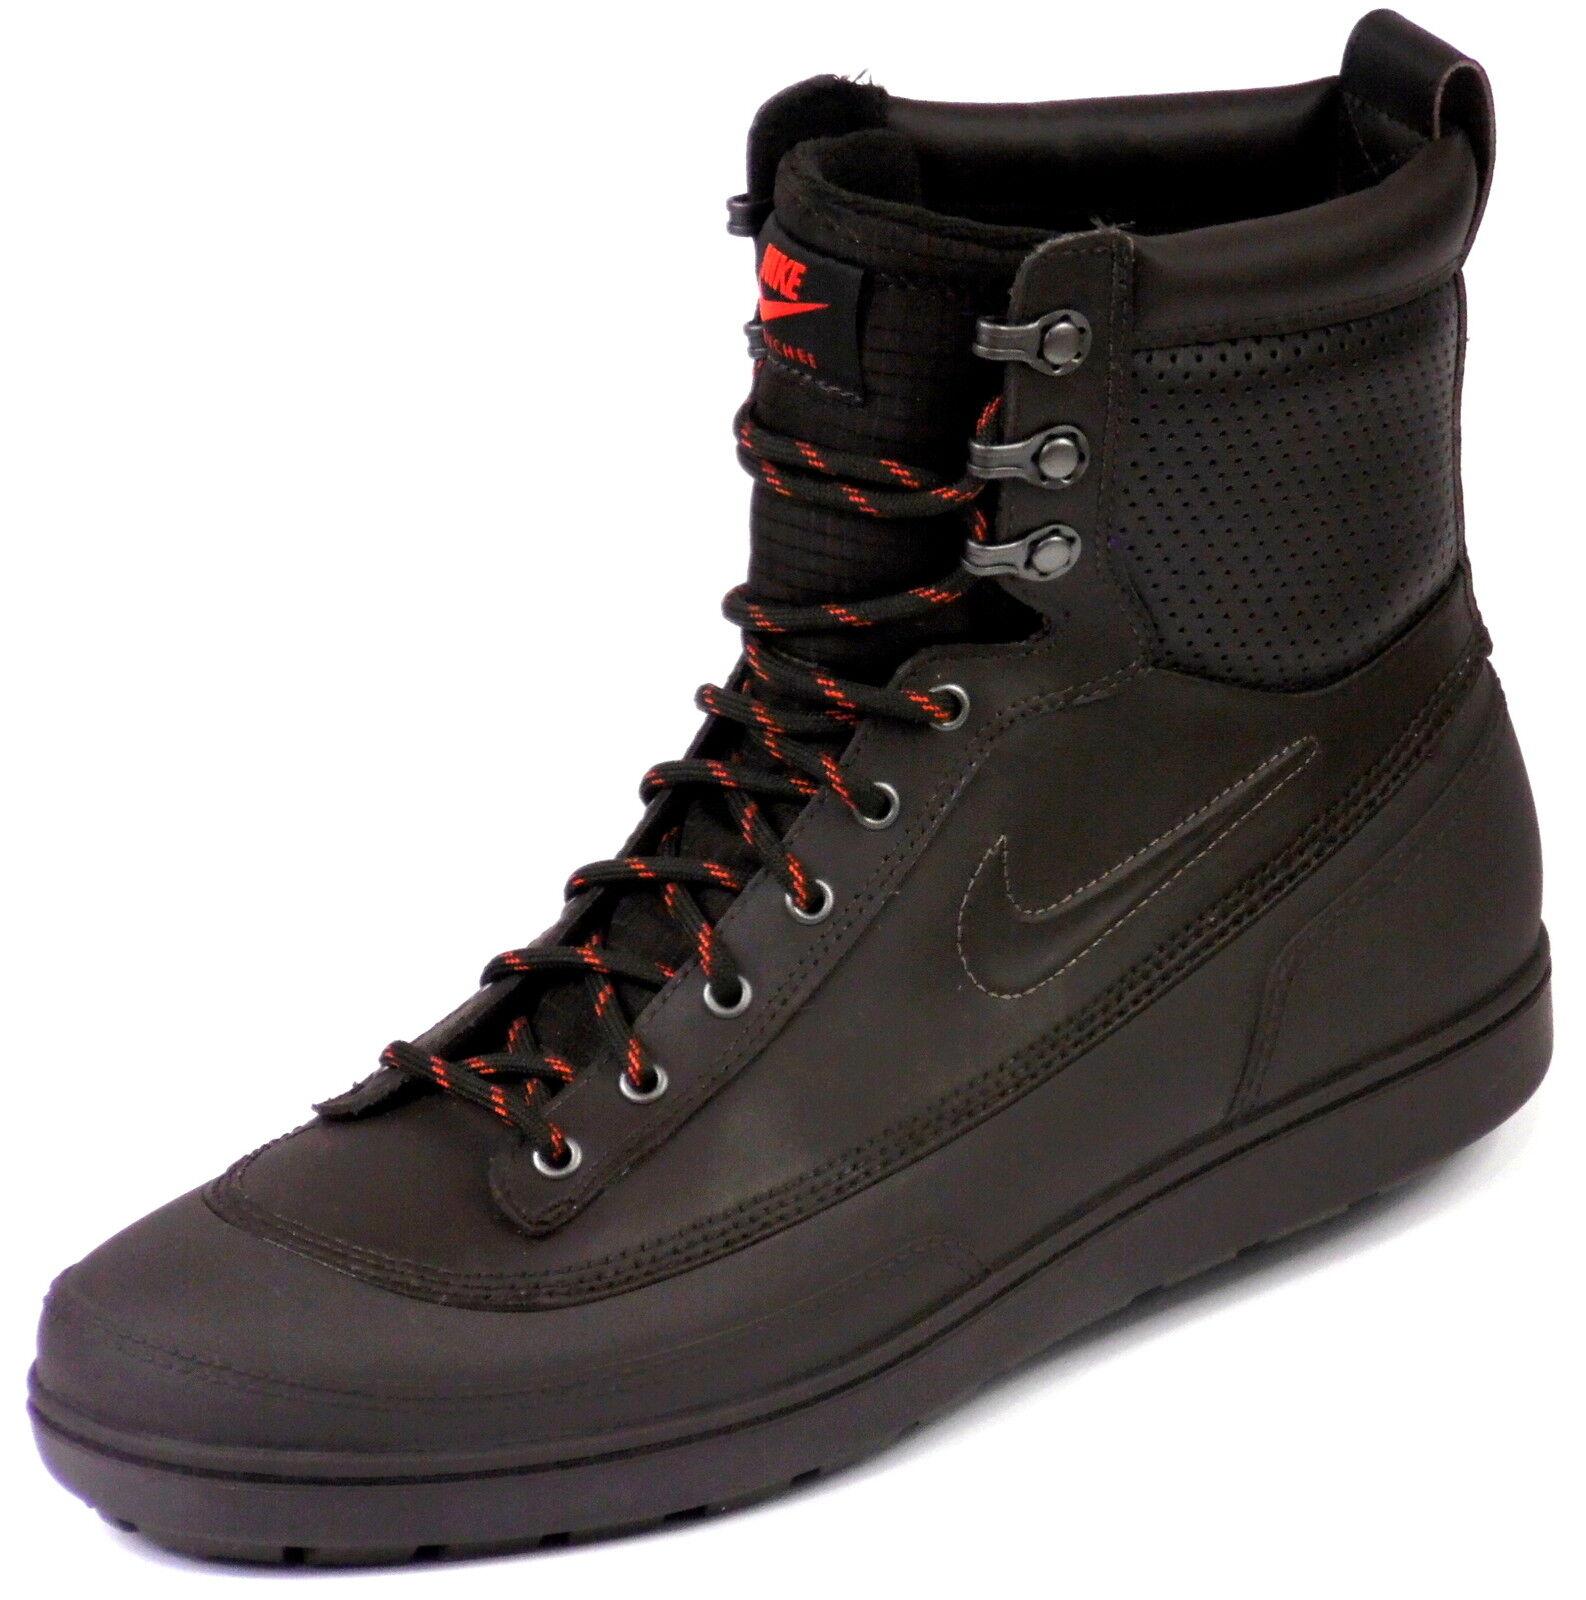 Nuevo nike tychee cuero cuero cuero ACG impermeable 37 zapatos señora botas botas cortos marrón  mejor precio